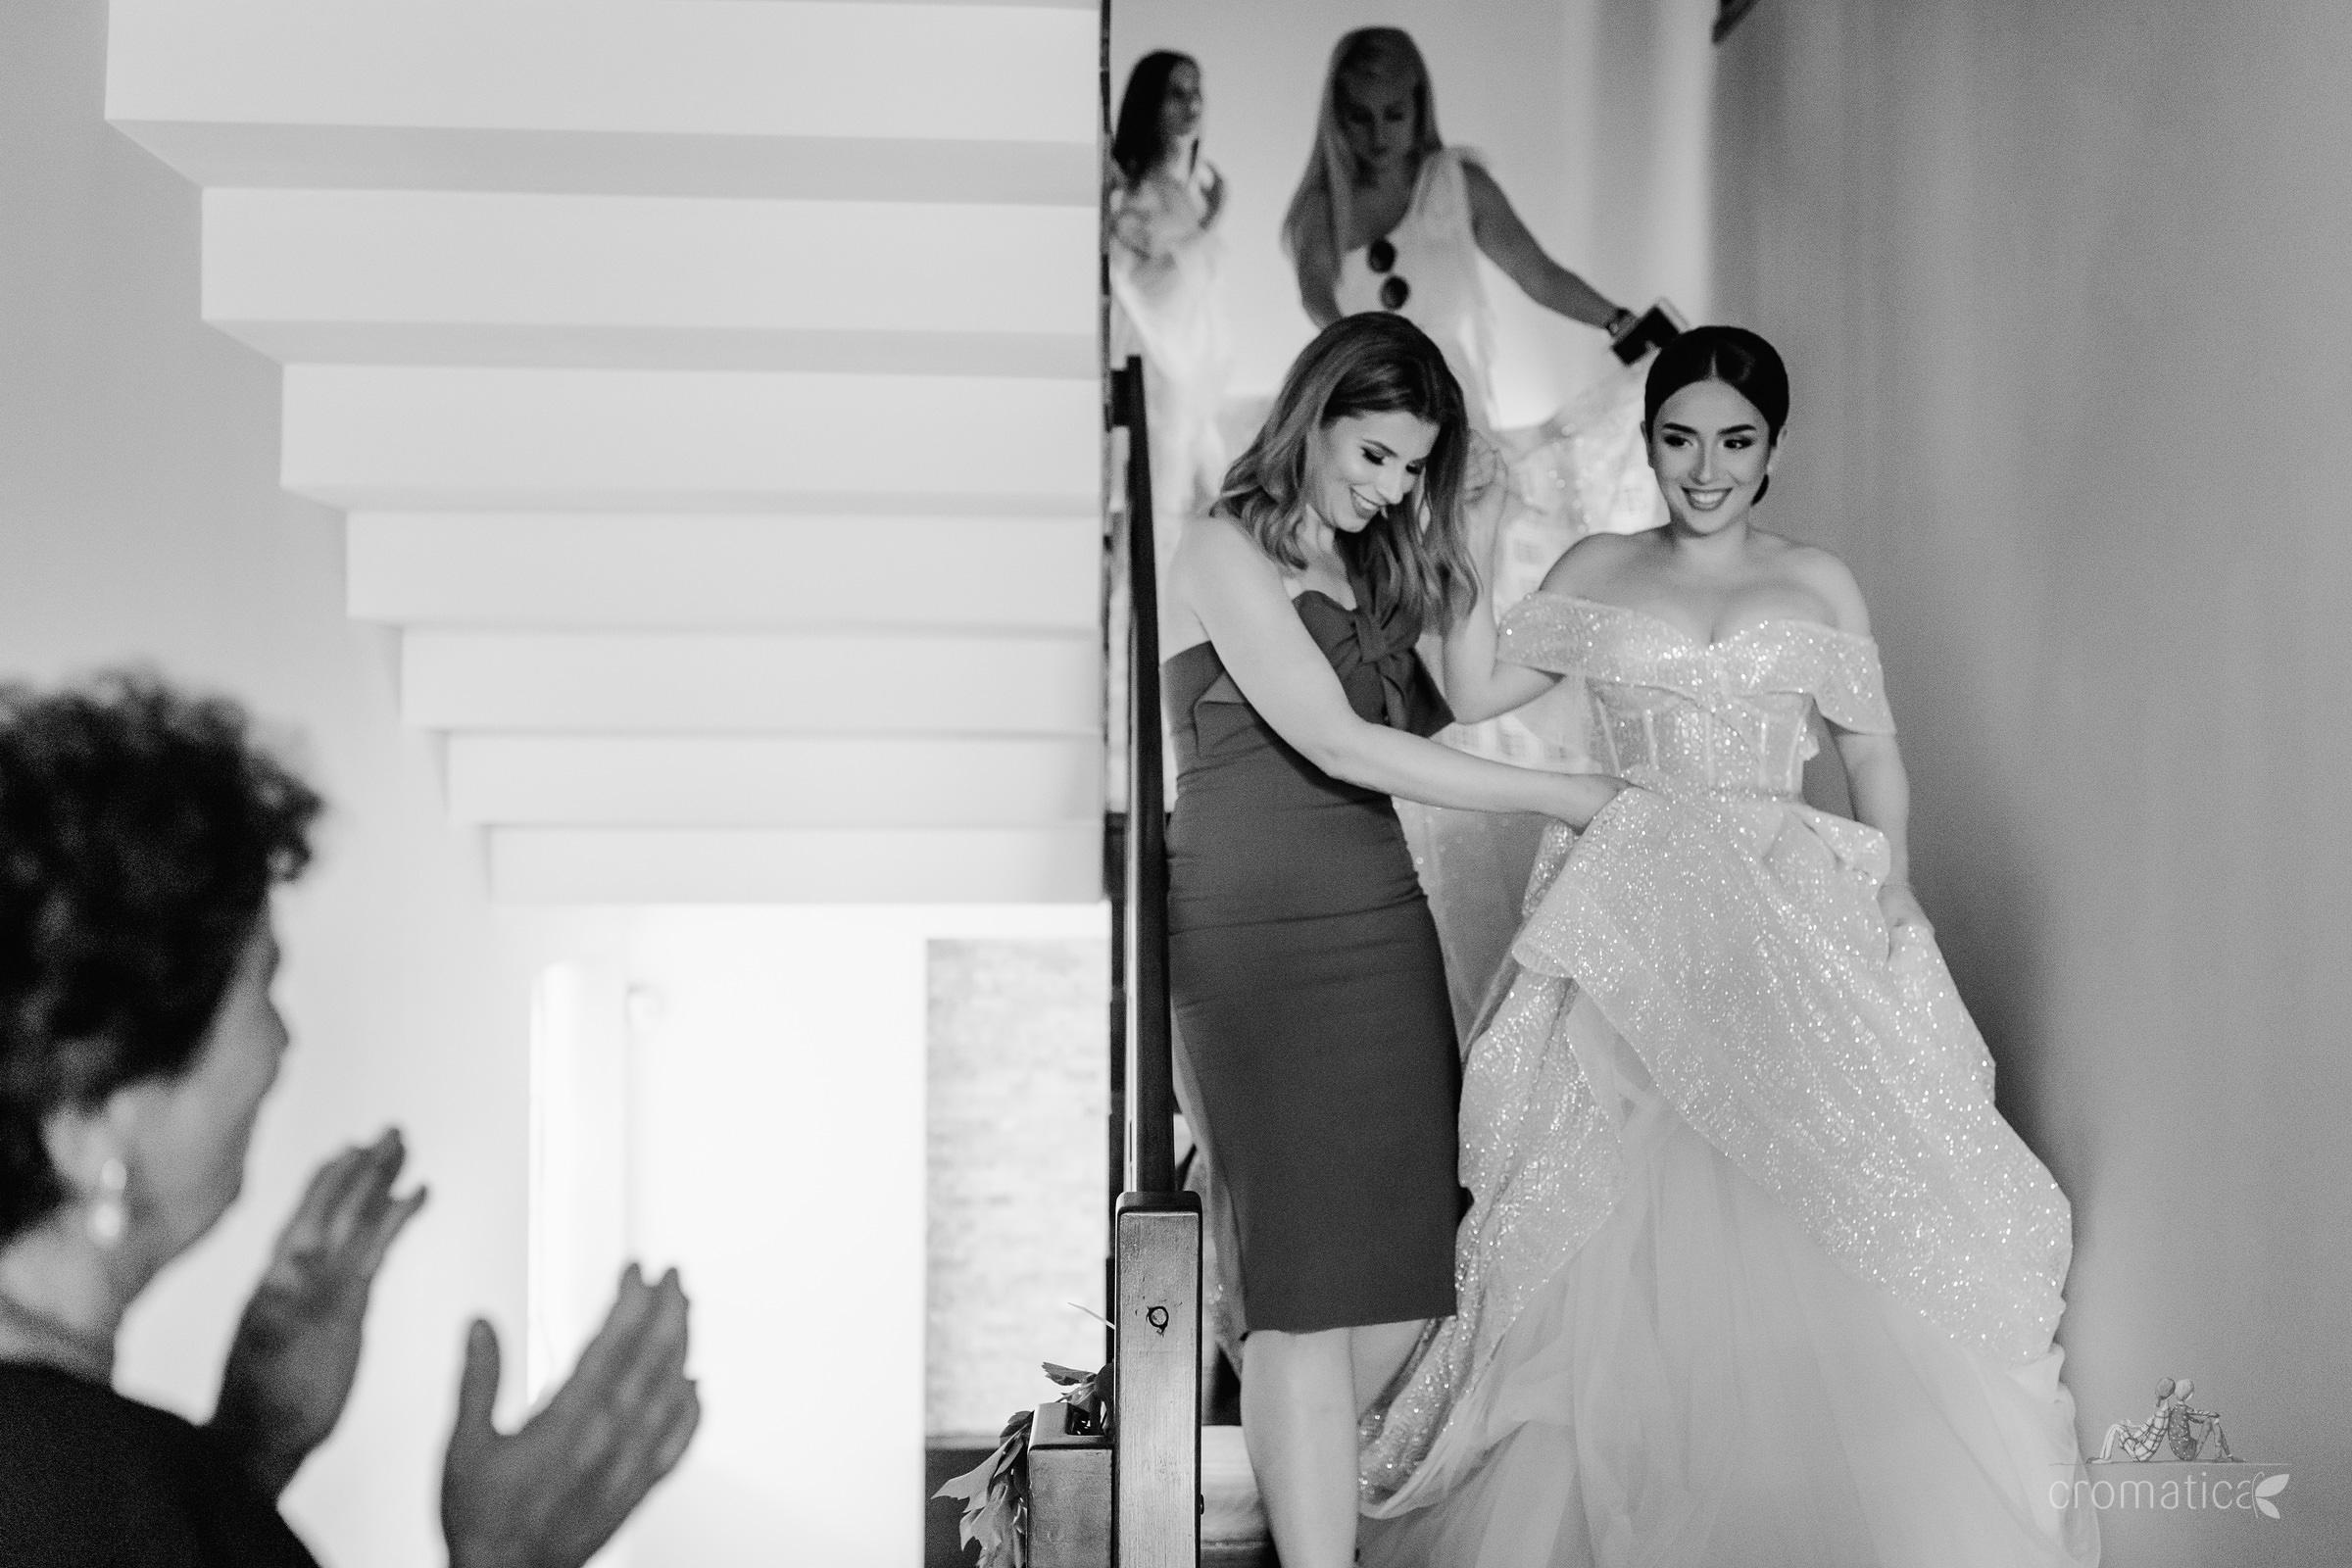 oana alex fotografii nunta rm valcea 010